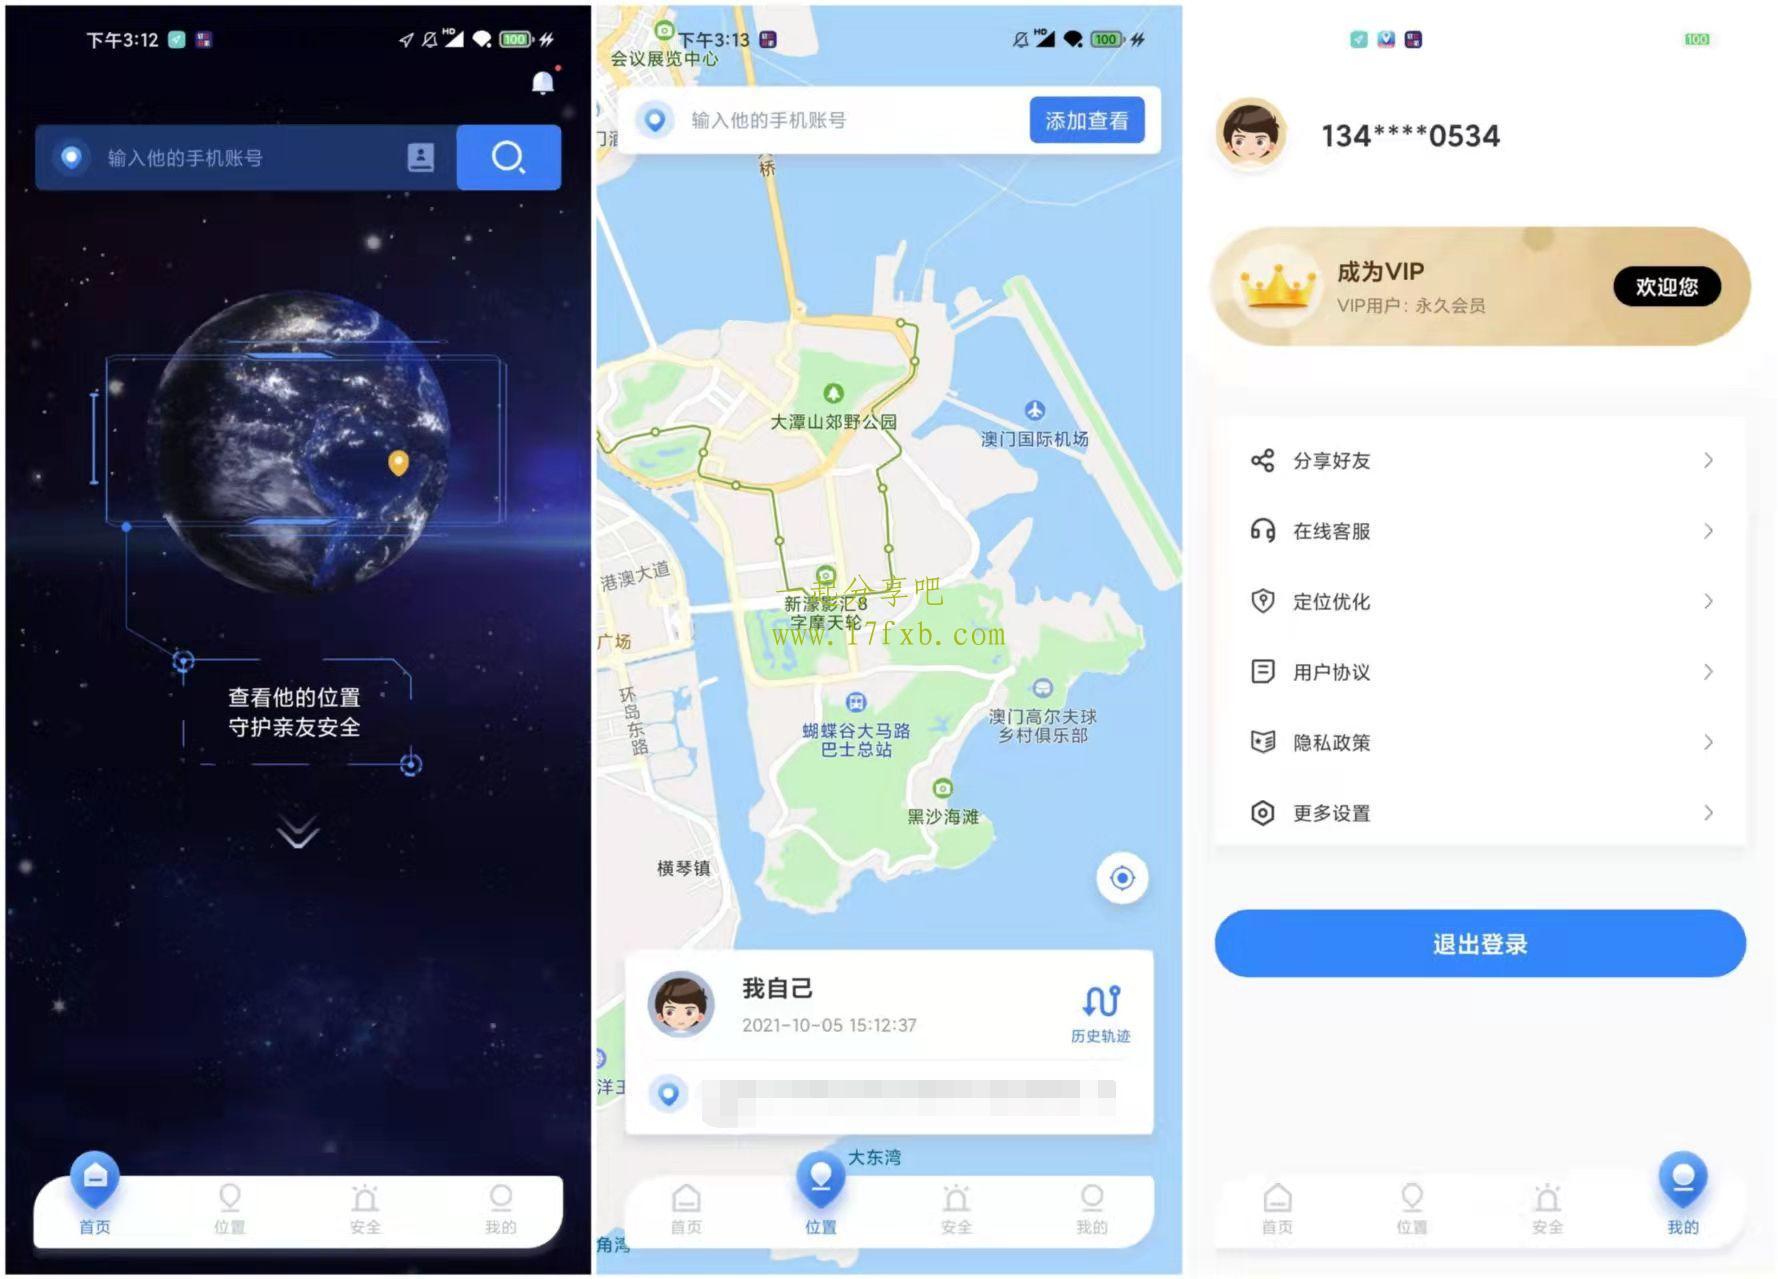 手机定位他迹 v2.3.0 解锁会员版 通过手机定位查找亲友伴侣位置的app 第1张